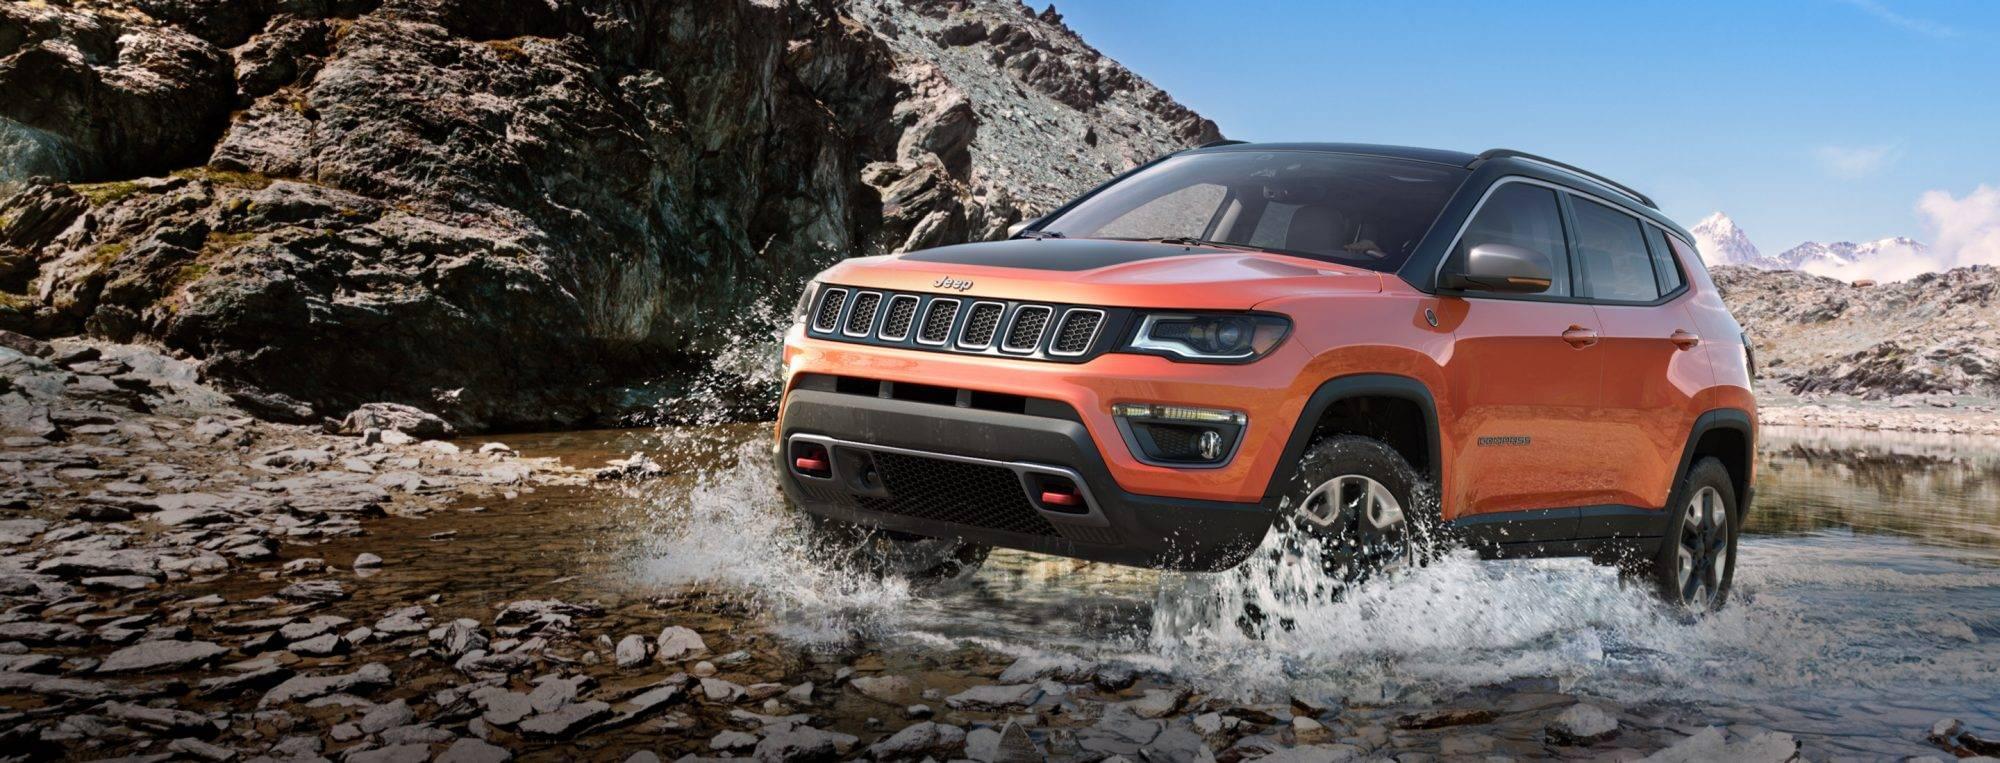 Aventura Jeep Compass Technology Standards